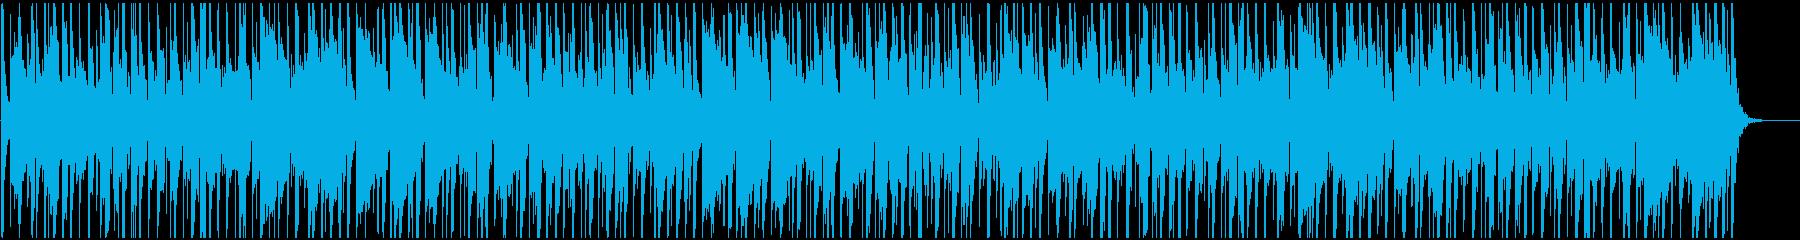 中テンポで軽快の再生済みの波形